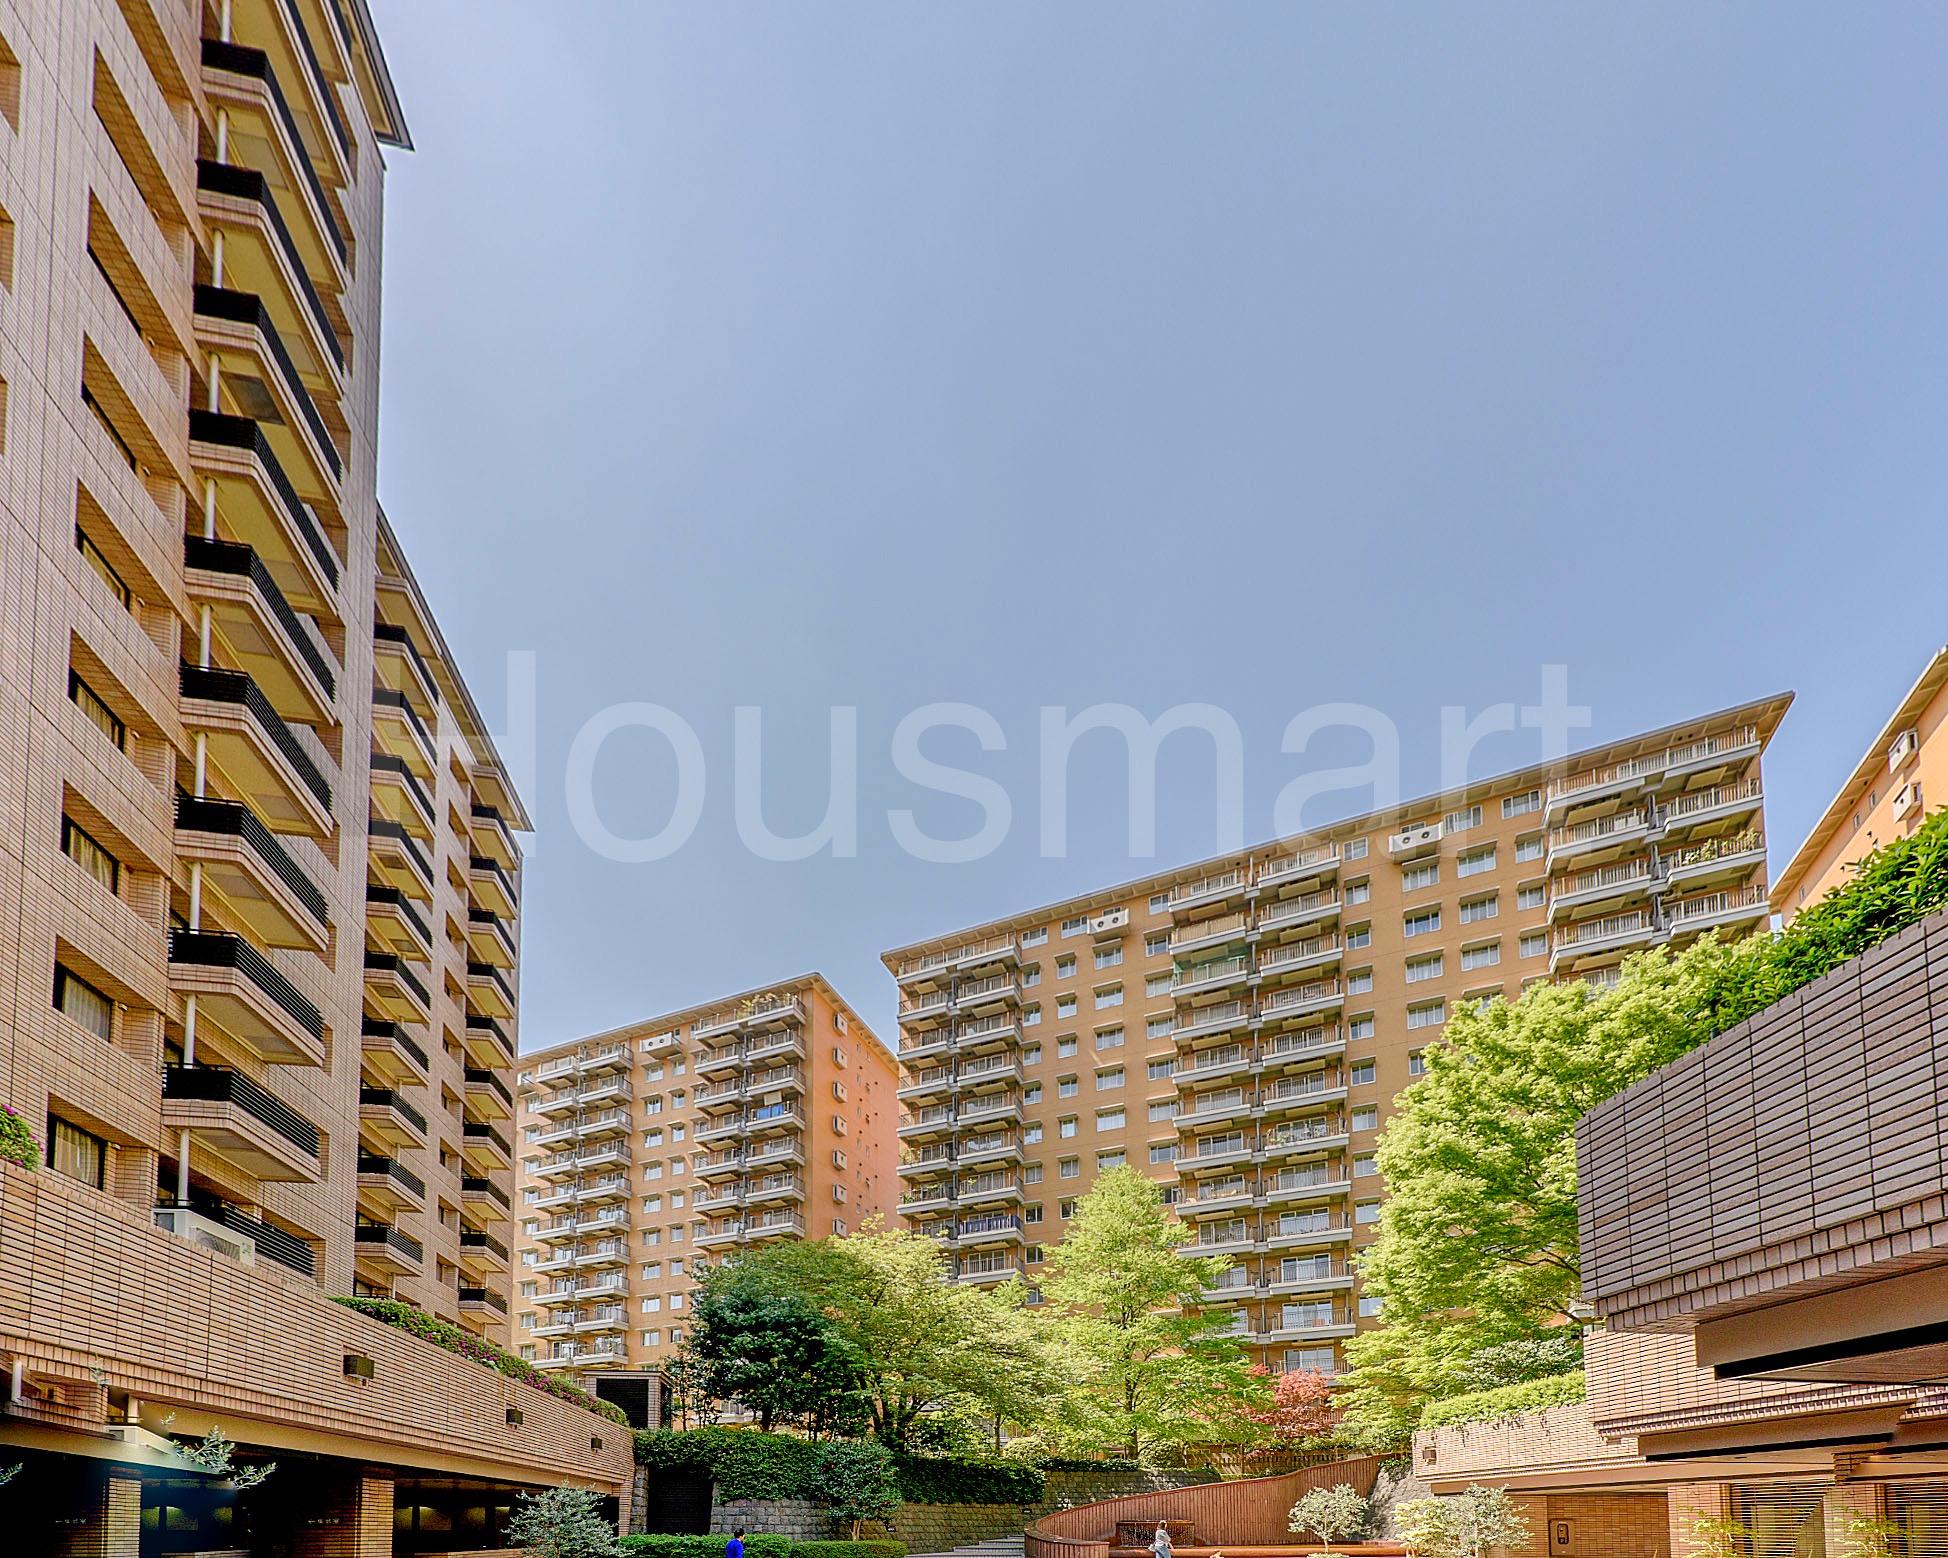 広尾ガーデンヒルズは最高級ヴィンテージマンション。価格推移まで徹底解説!